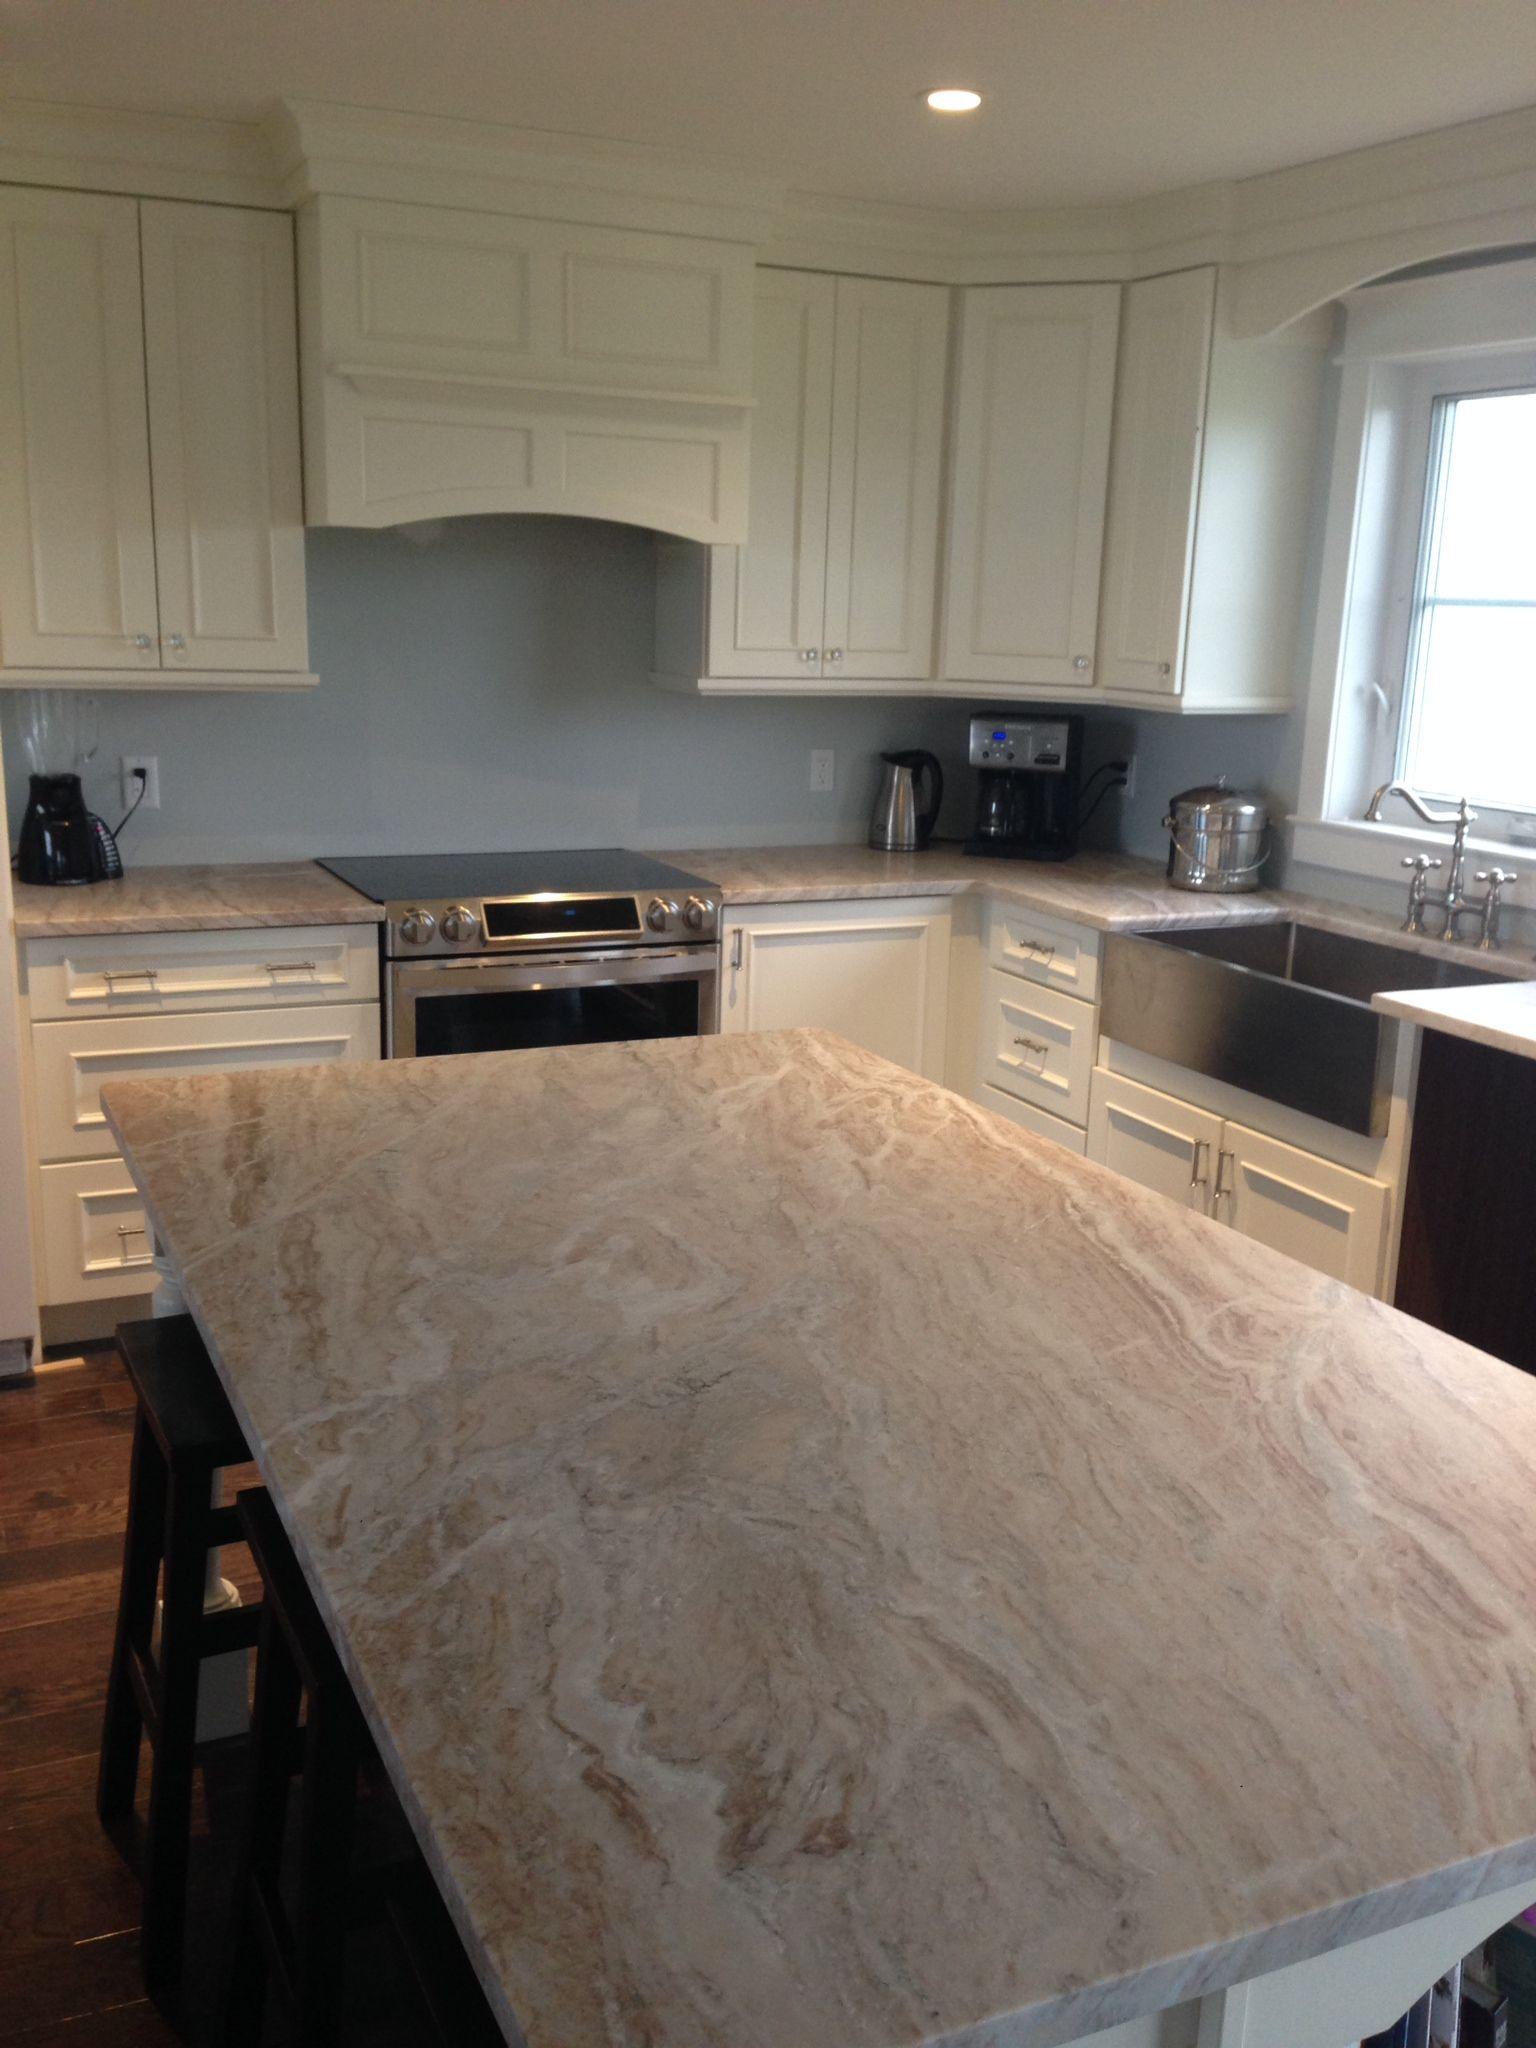 Fantasy Brown granite/quartzite counters with leathered ... on Black Granite Countertops With Brown Cabinets  id=24983